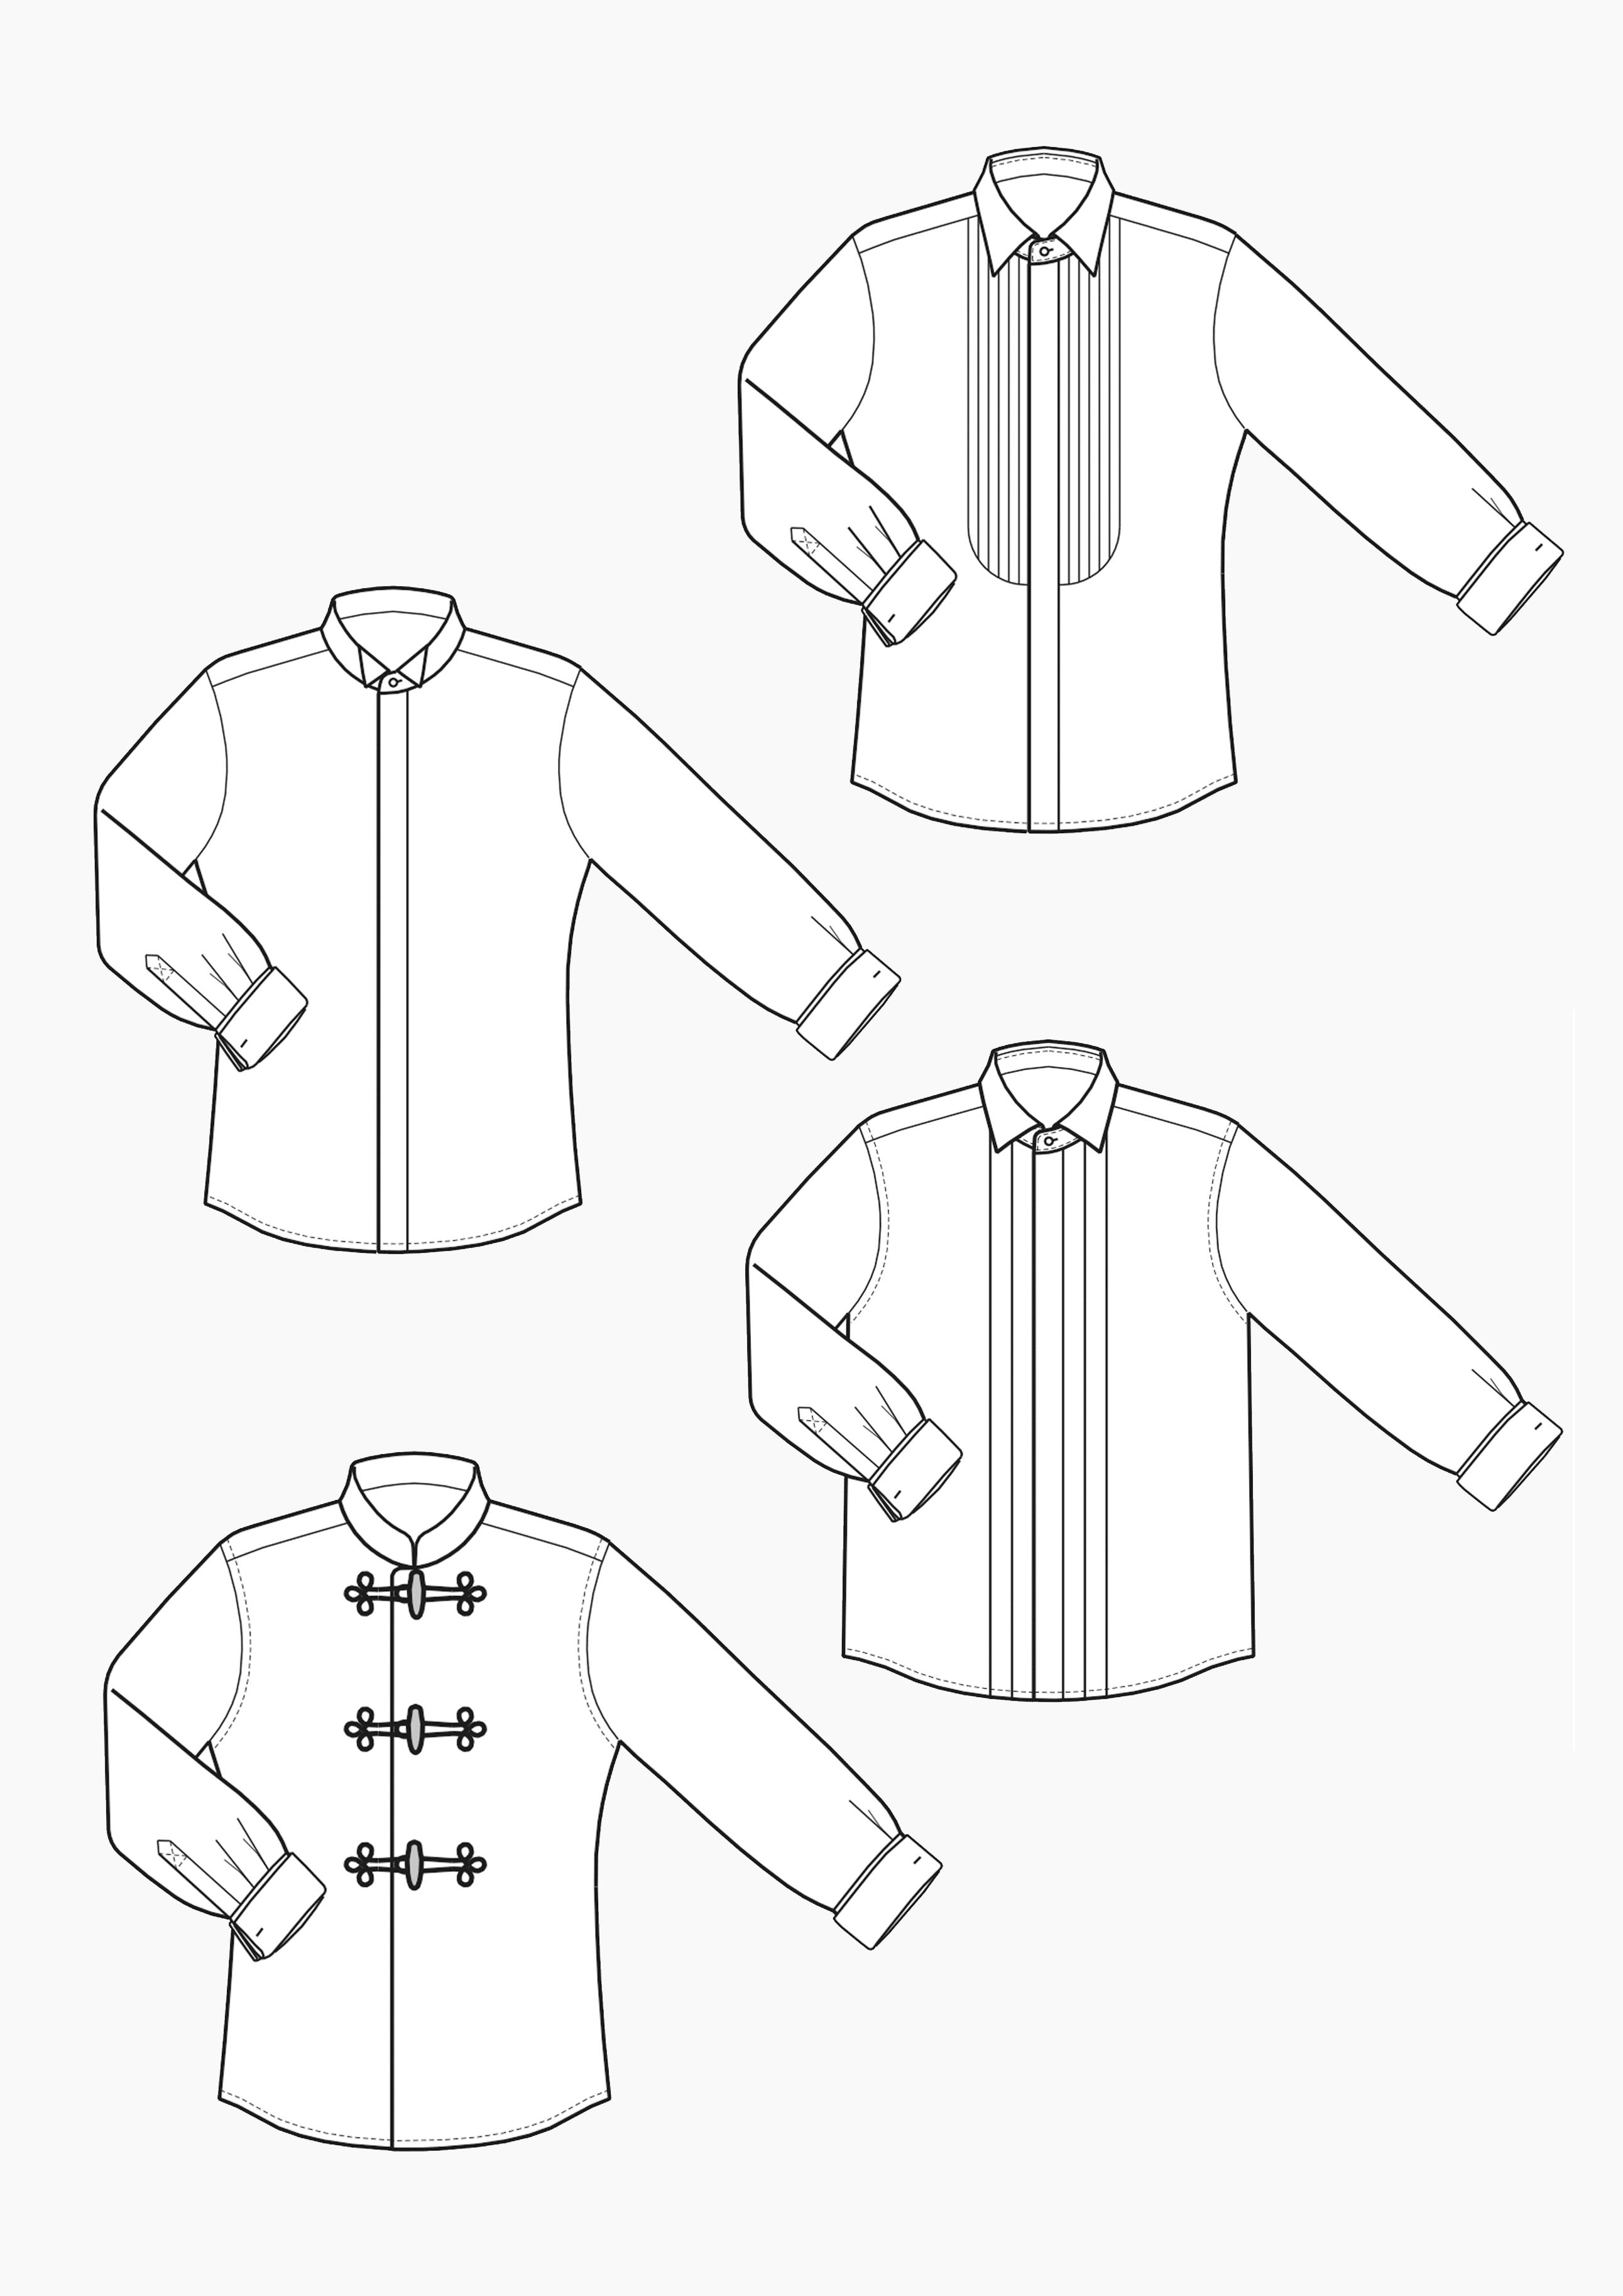 Produkt: Schnitt-Technik Hemden für Dirigenten